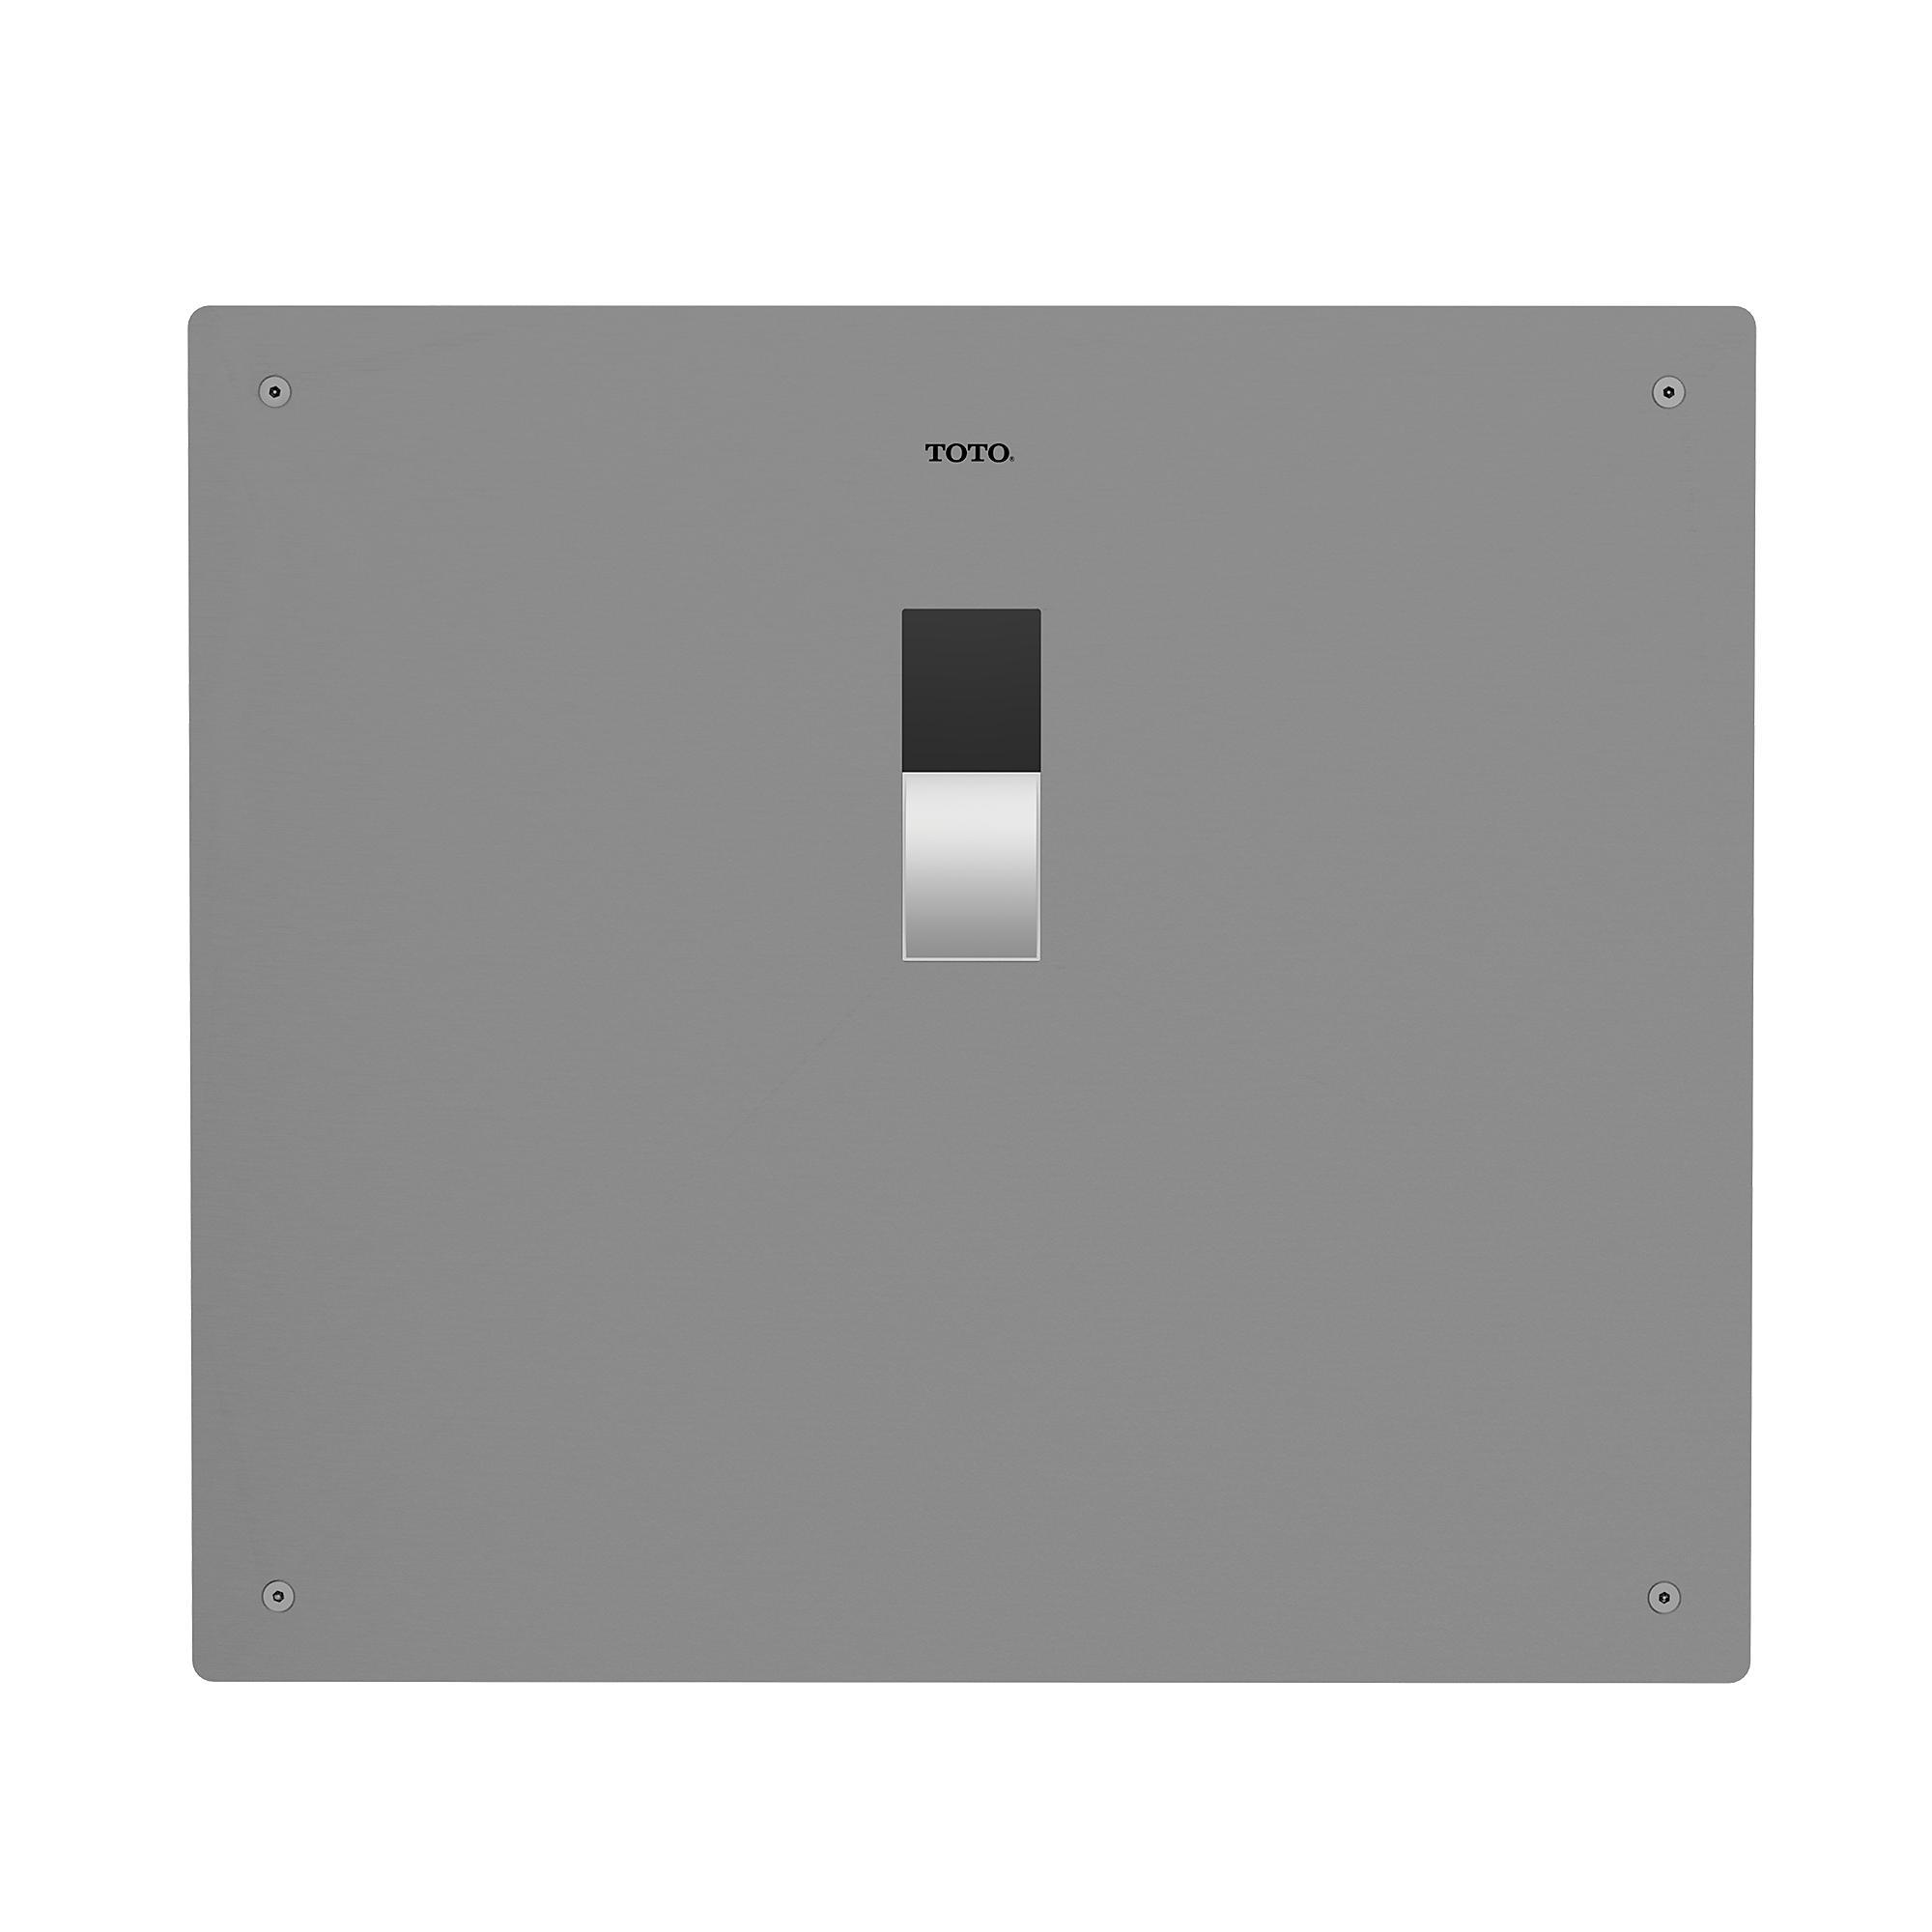 Tet2la33 ss ecopower  high efficiency concealed toilet flush valve   1 28 gpf  v b set   back spud floor  0